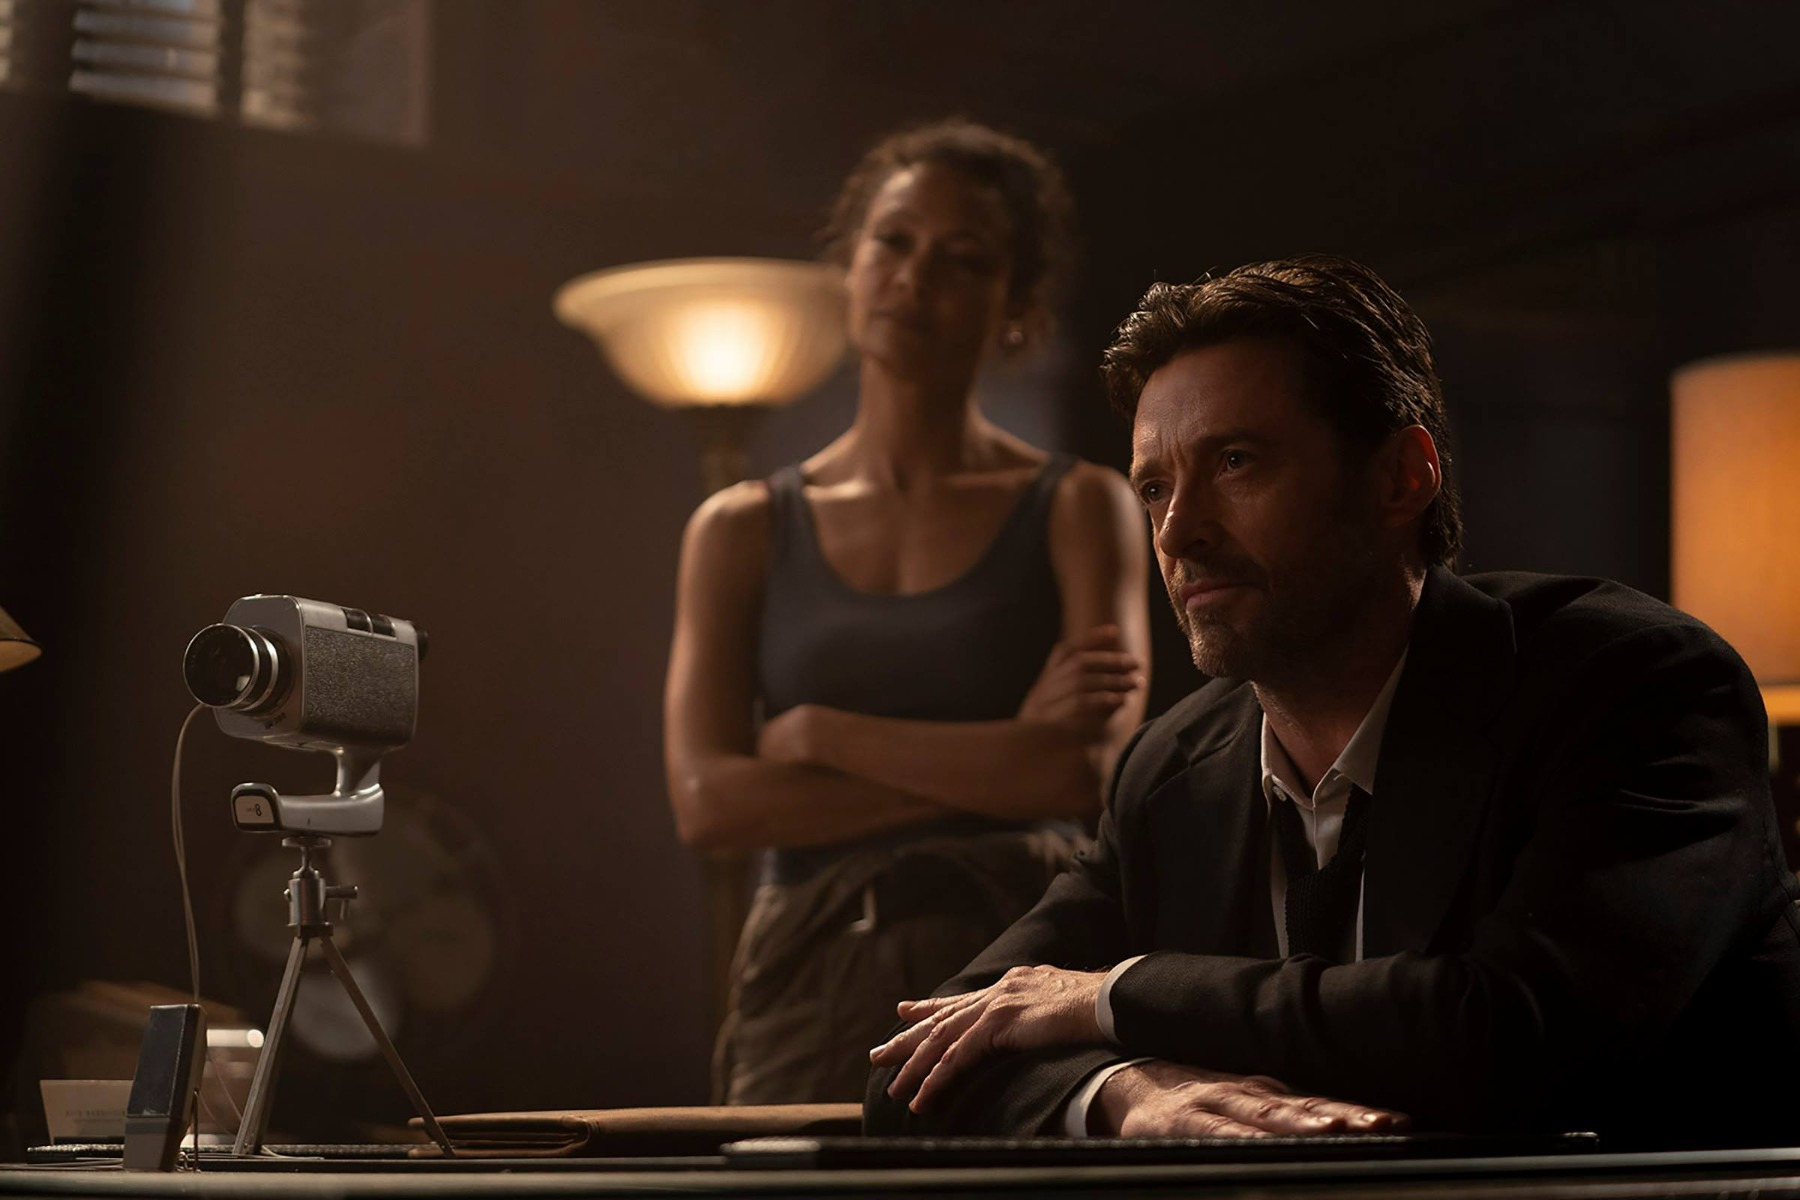 """> Hugh Jackman lần theo dấu vết ký ức trong trailer mới toanh của """"Reminiscence"""": mới lạ và bí ẩn không kém """"Inception"""" năm nào"""